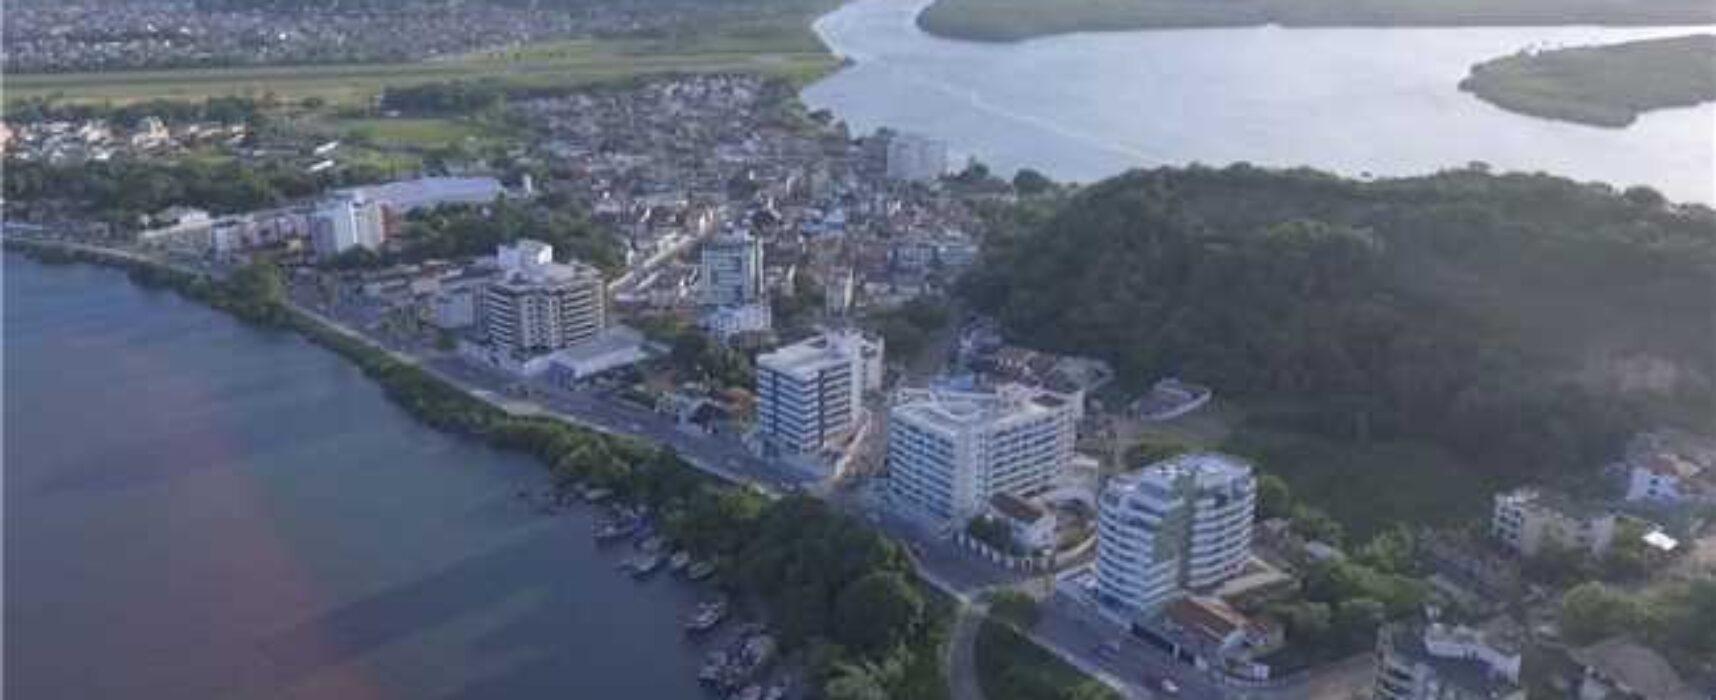 Prefeitura de Ilhéus disponibiliza link para consulta de logradouros e CEPs do município